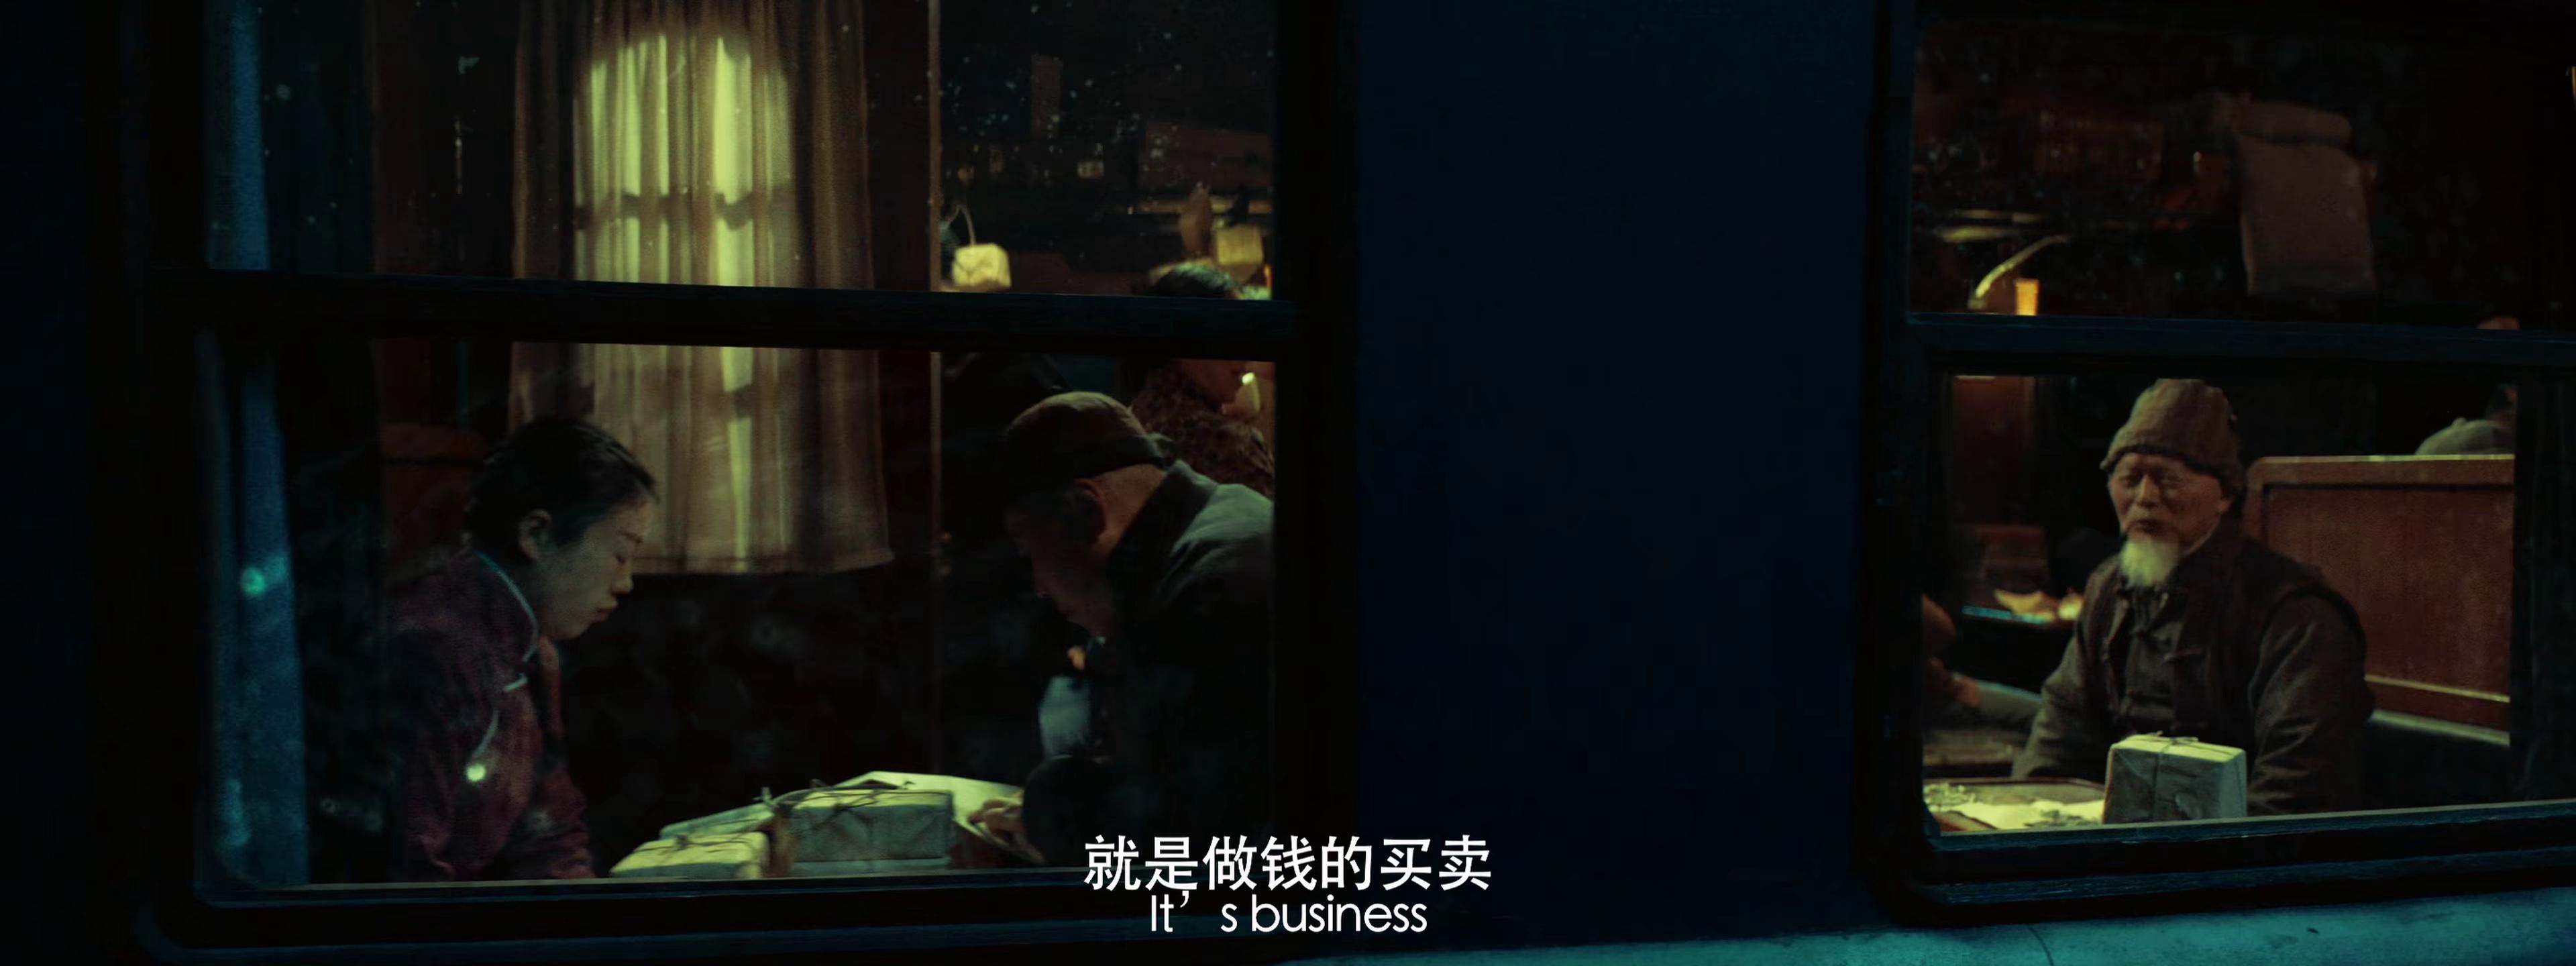 悠悠MP4_MP4电影下载_[戏法师][WEB-MKV/2.70GB][国语配音/中文字幕][4K-2160P][H265编码][奇幻,尹天照,电影,大陆,中国]